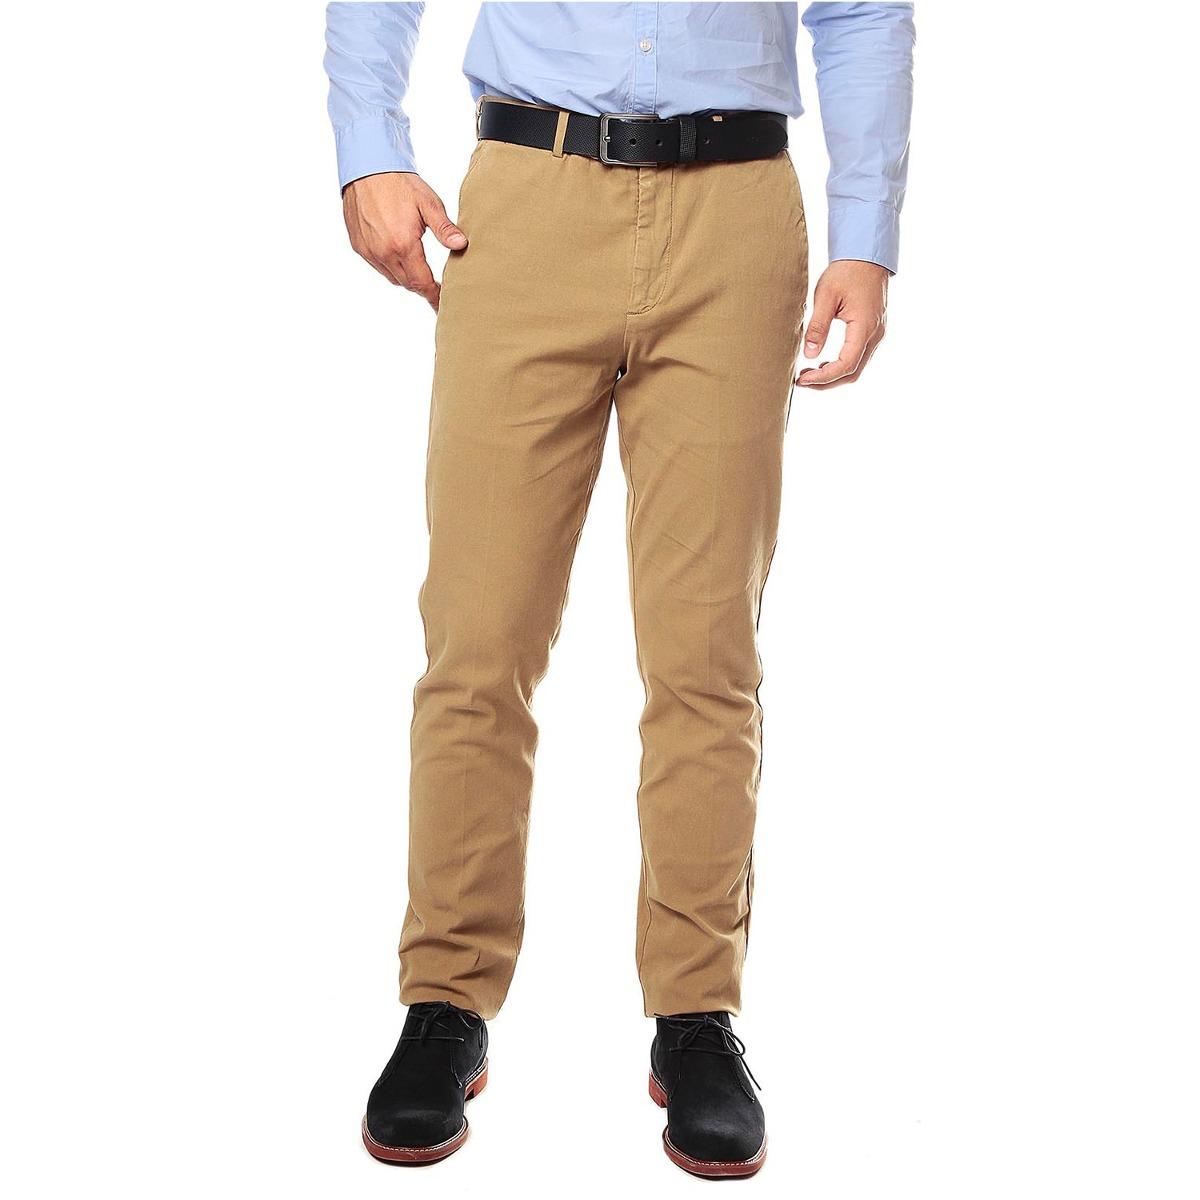 ffac0ca15b Pantalon Color Siete Para Hombre-amarillo -   129.900 en Mercado Libre